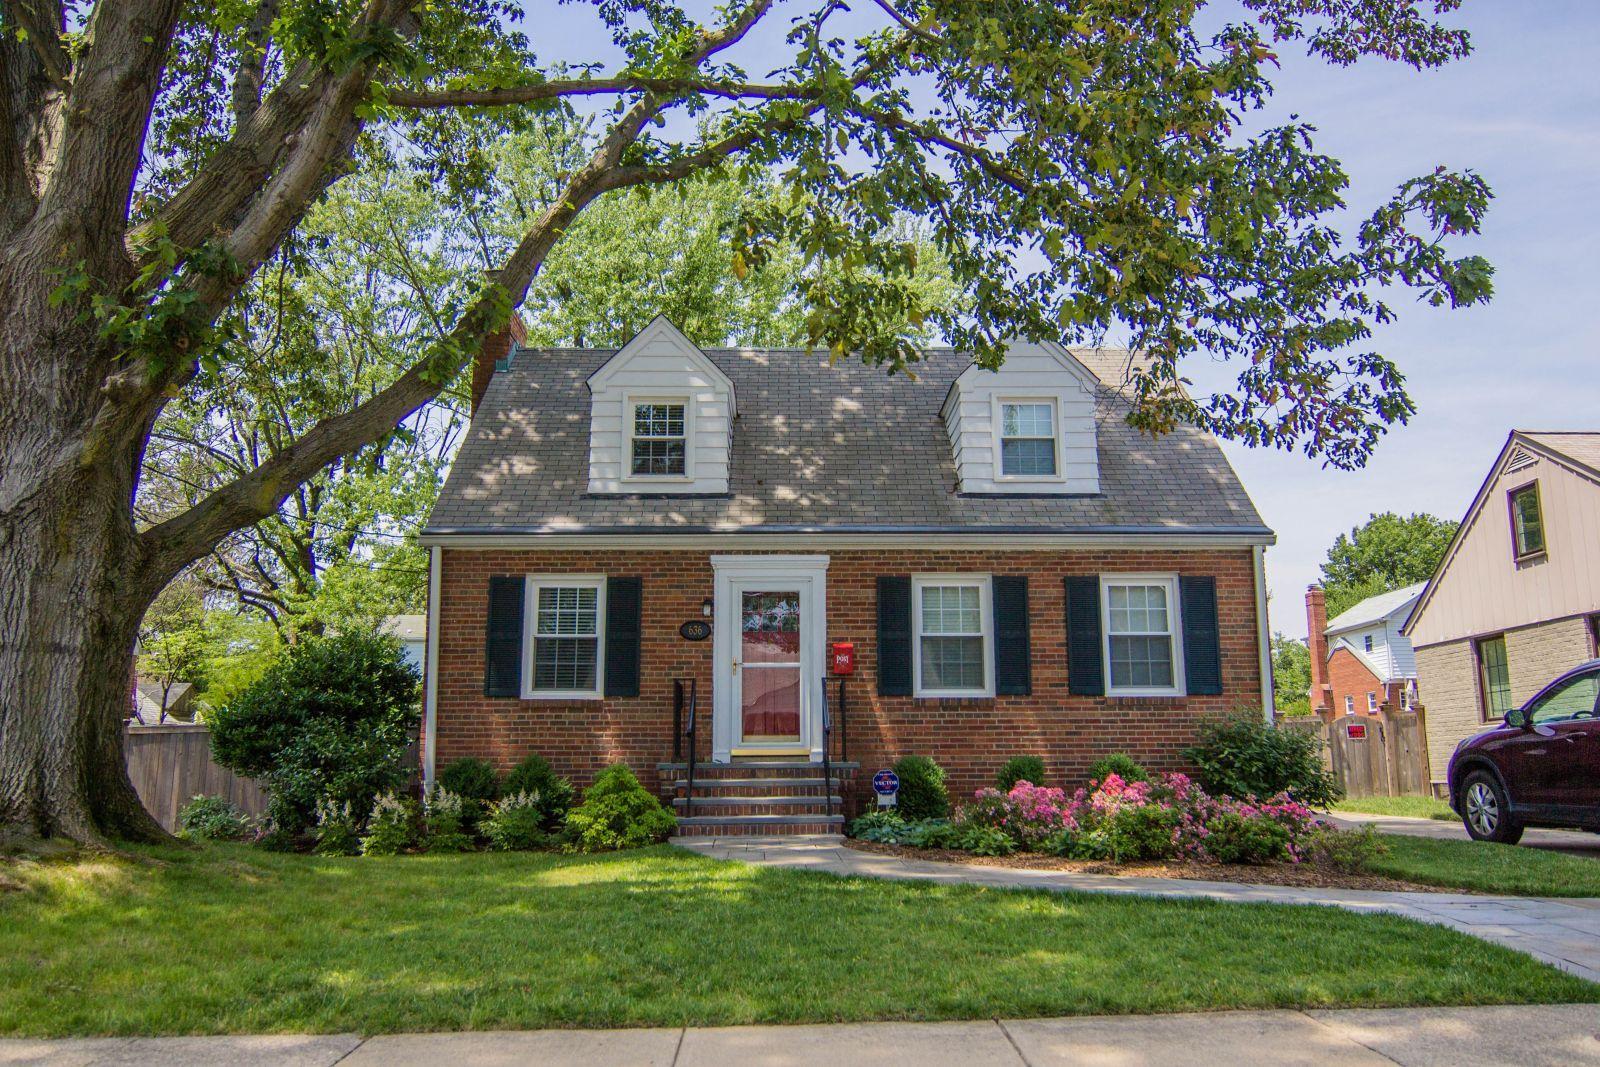 Red Brick Cape Cod Houses 502606 Jpg 1 600 1 067 Pixels Exterior Paint Colors For House House Exterior Exterior House Colors